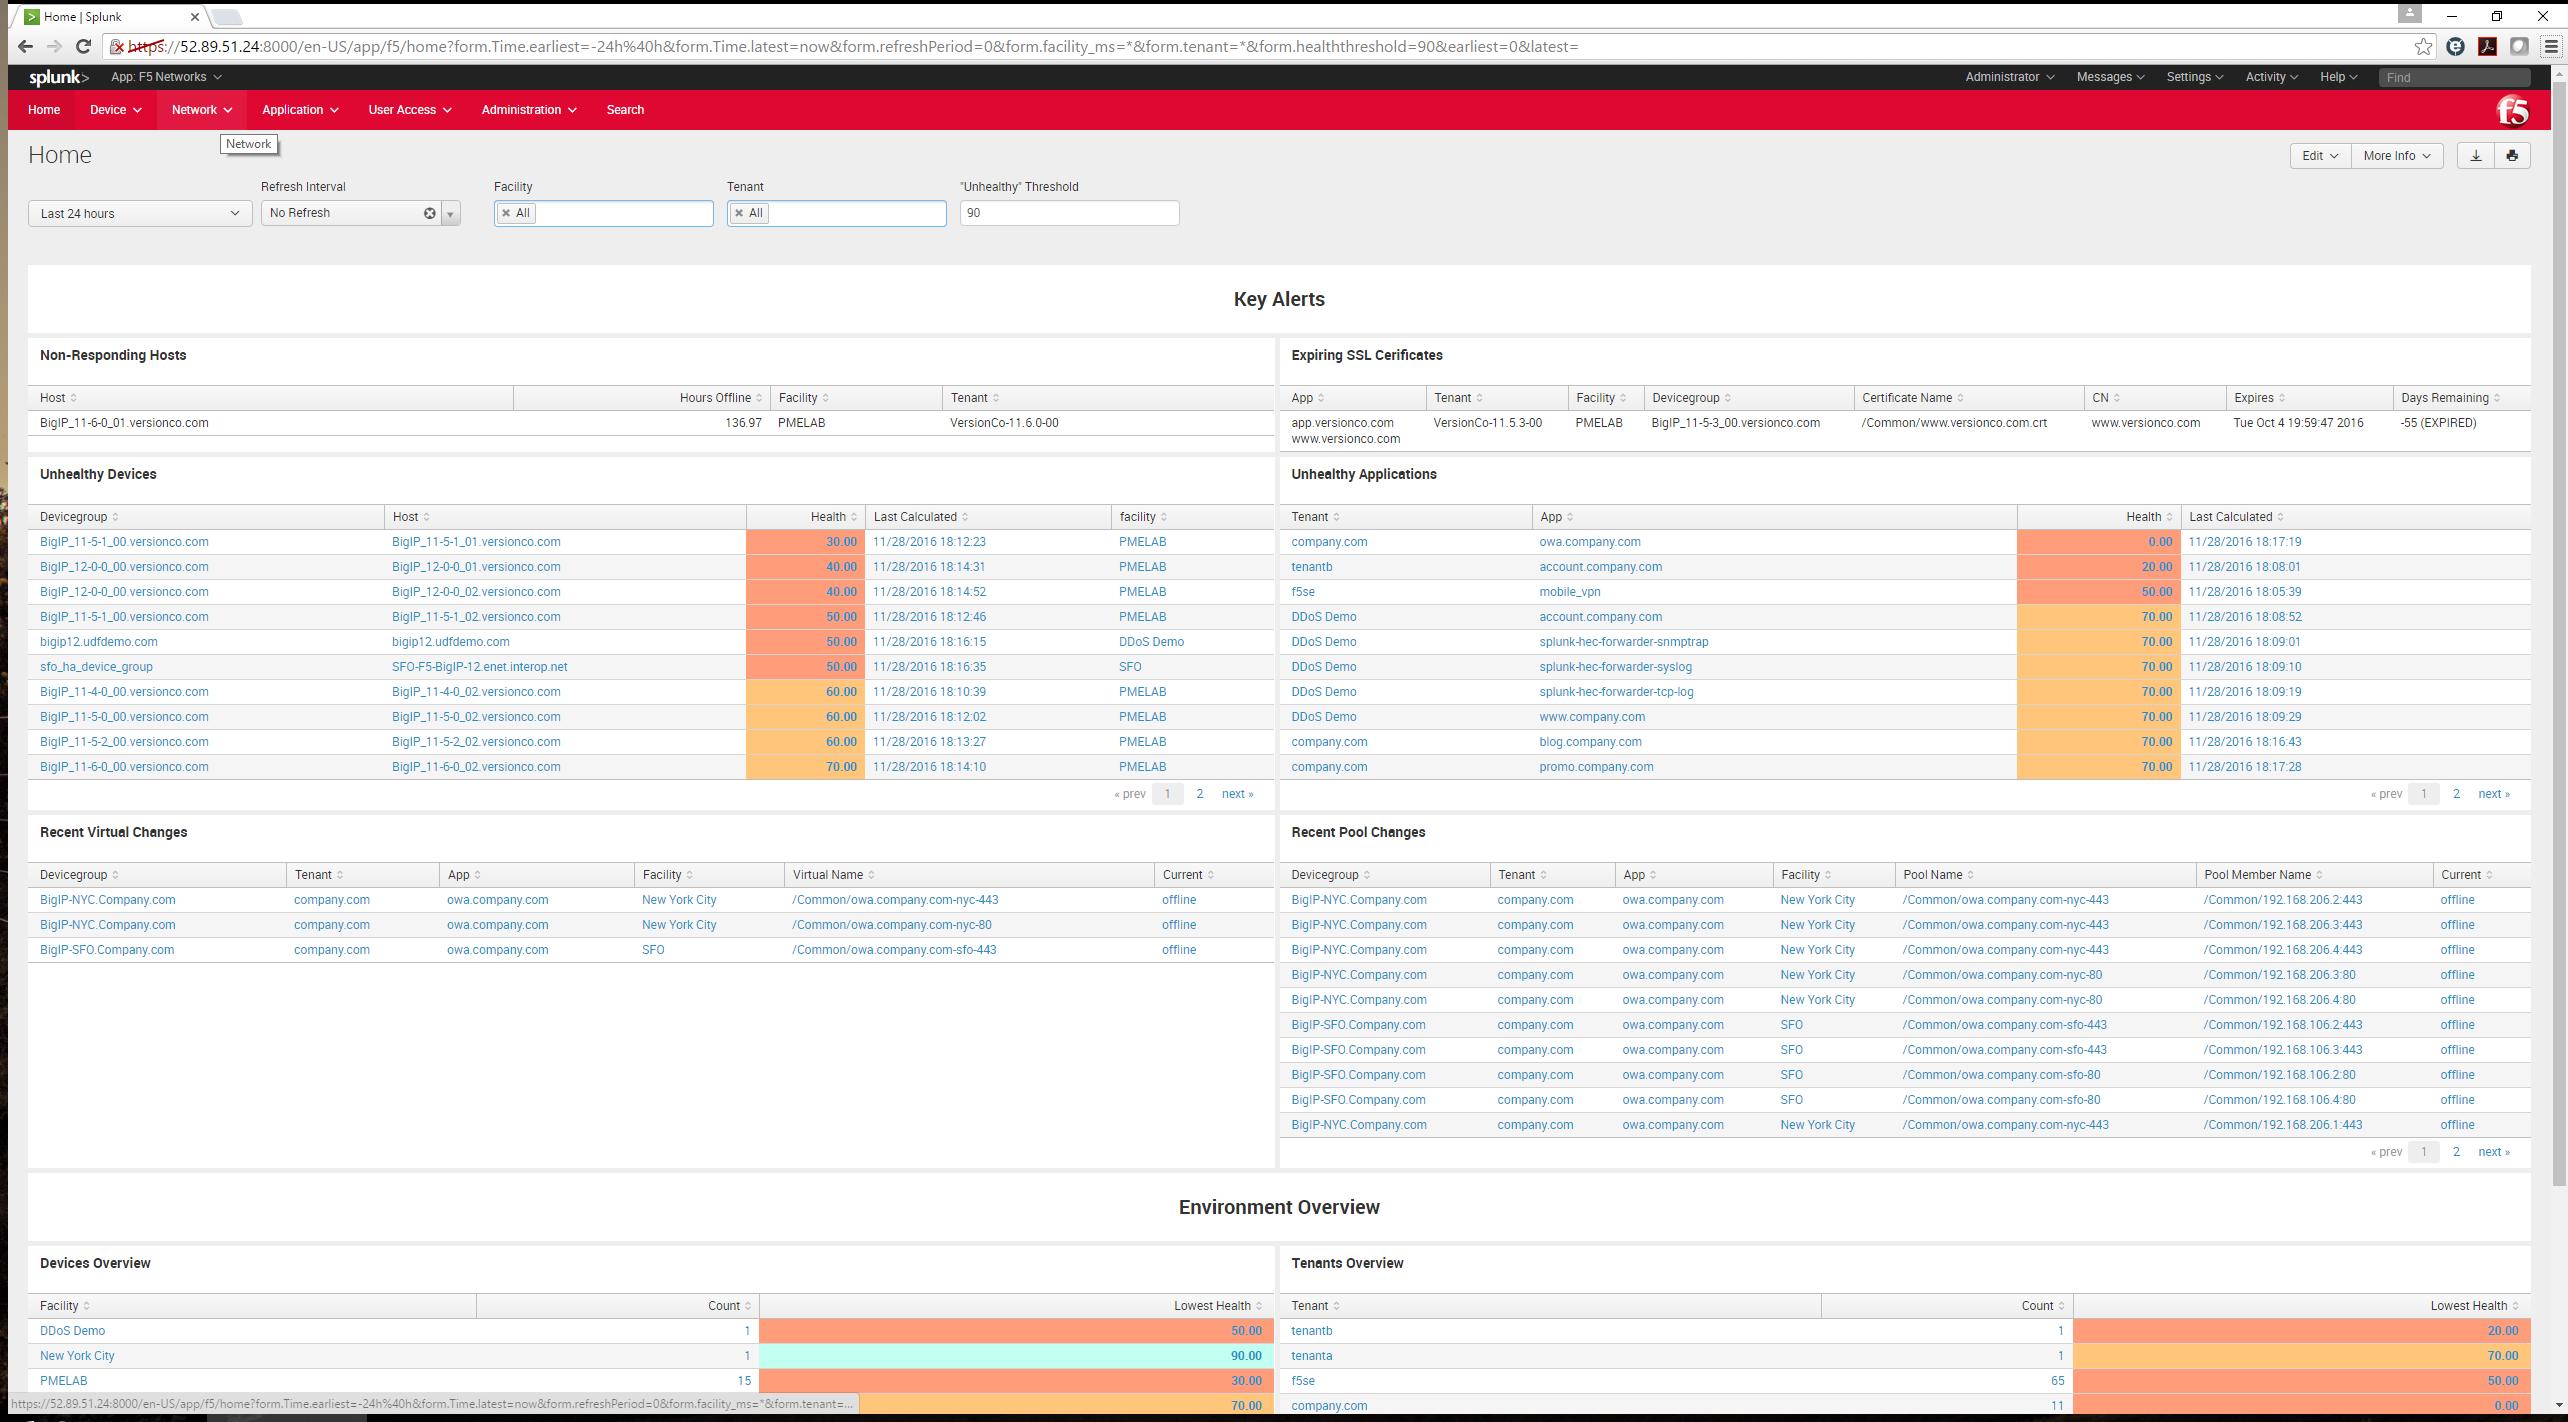 F5 Networks - Analytics (New)   Splunkbase